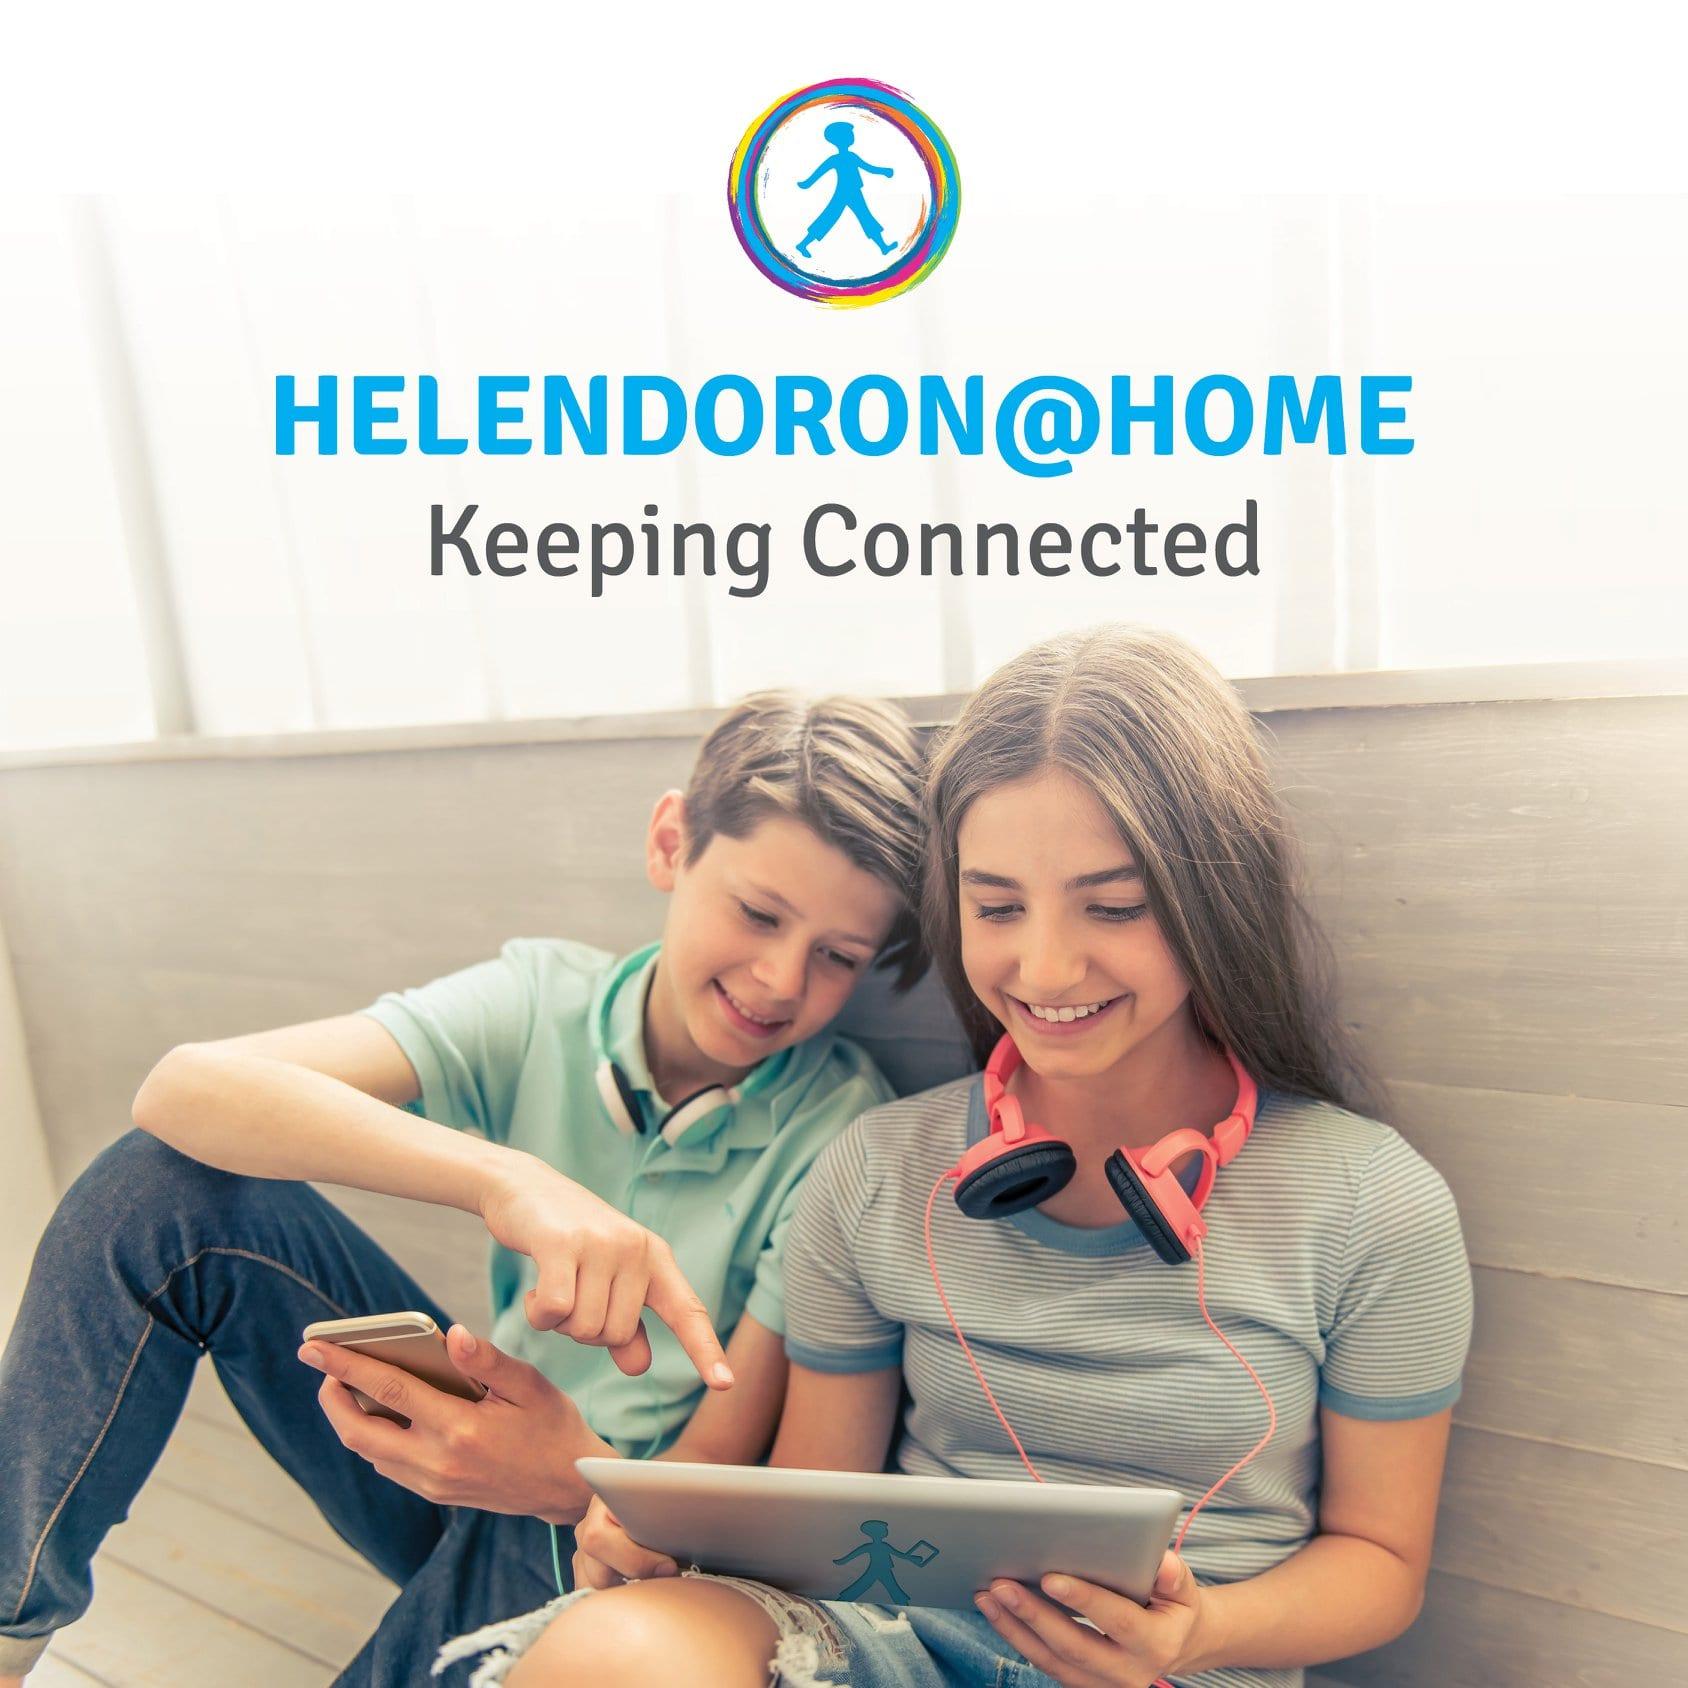 Les cours en ligne Helen Doron